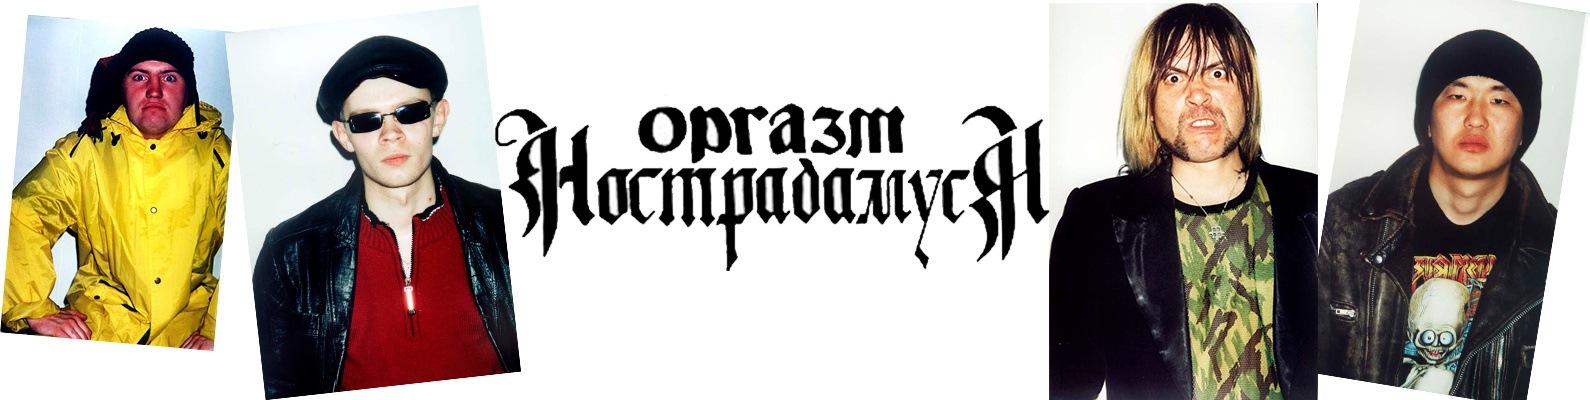 Аудиозапись оргазма